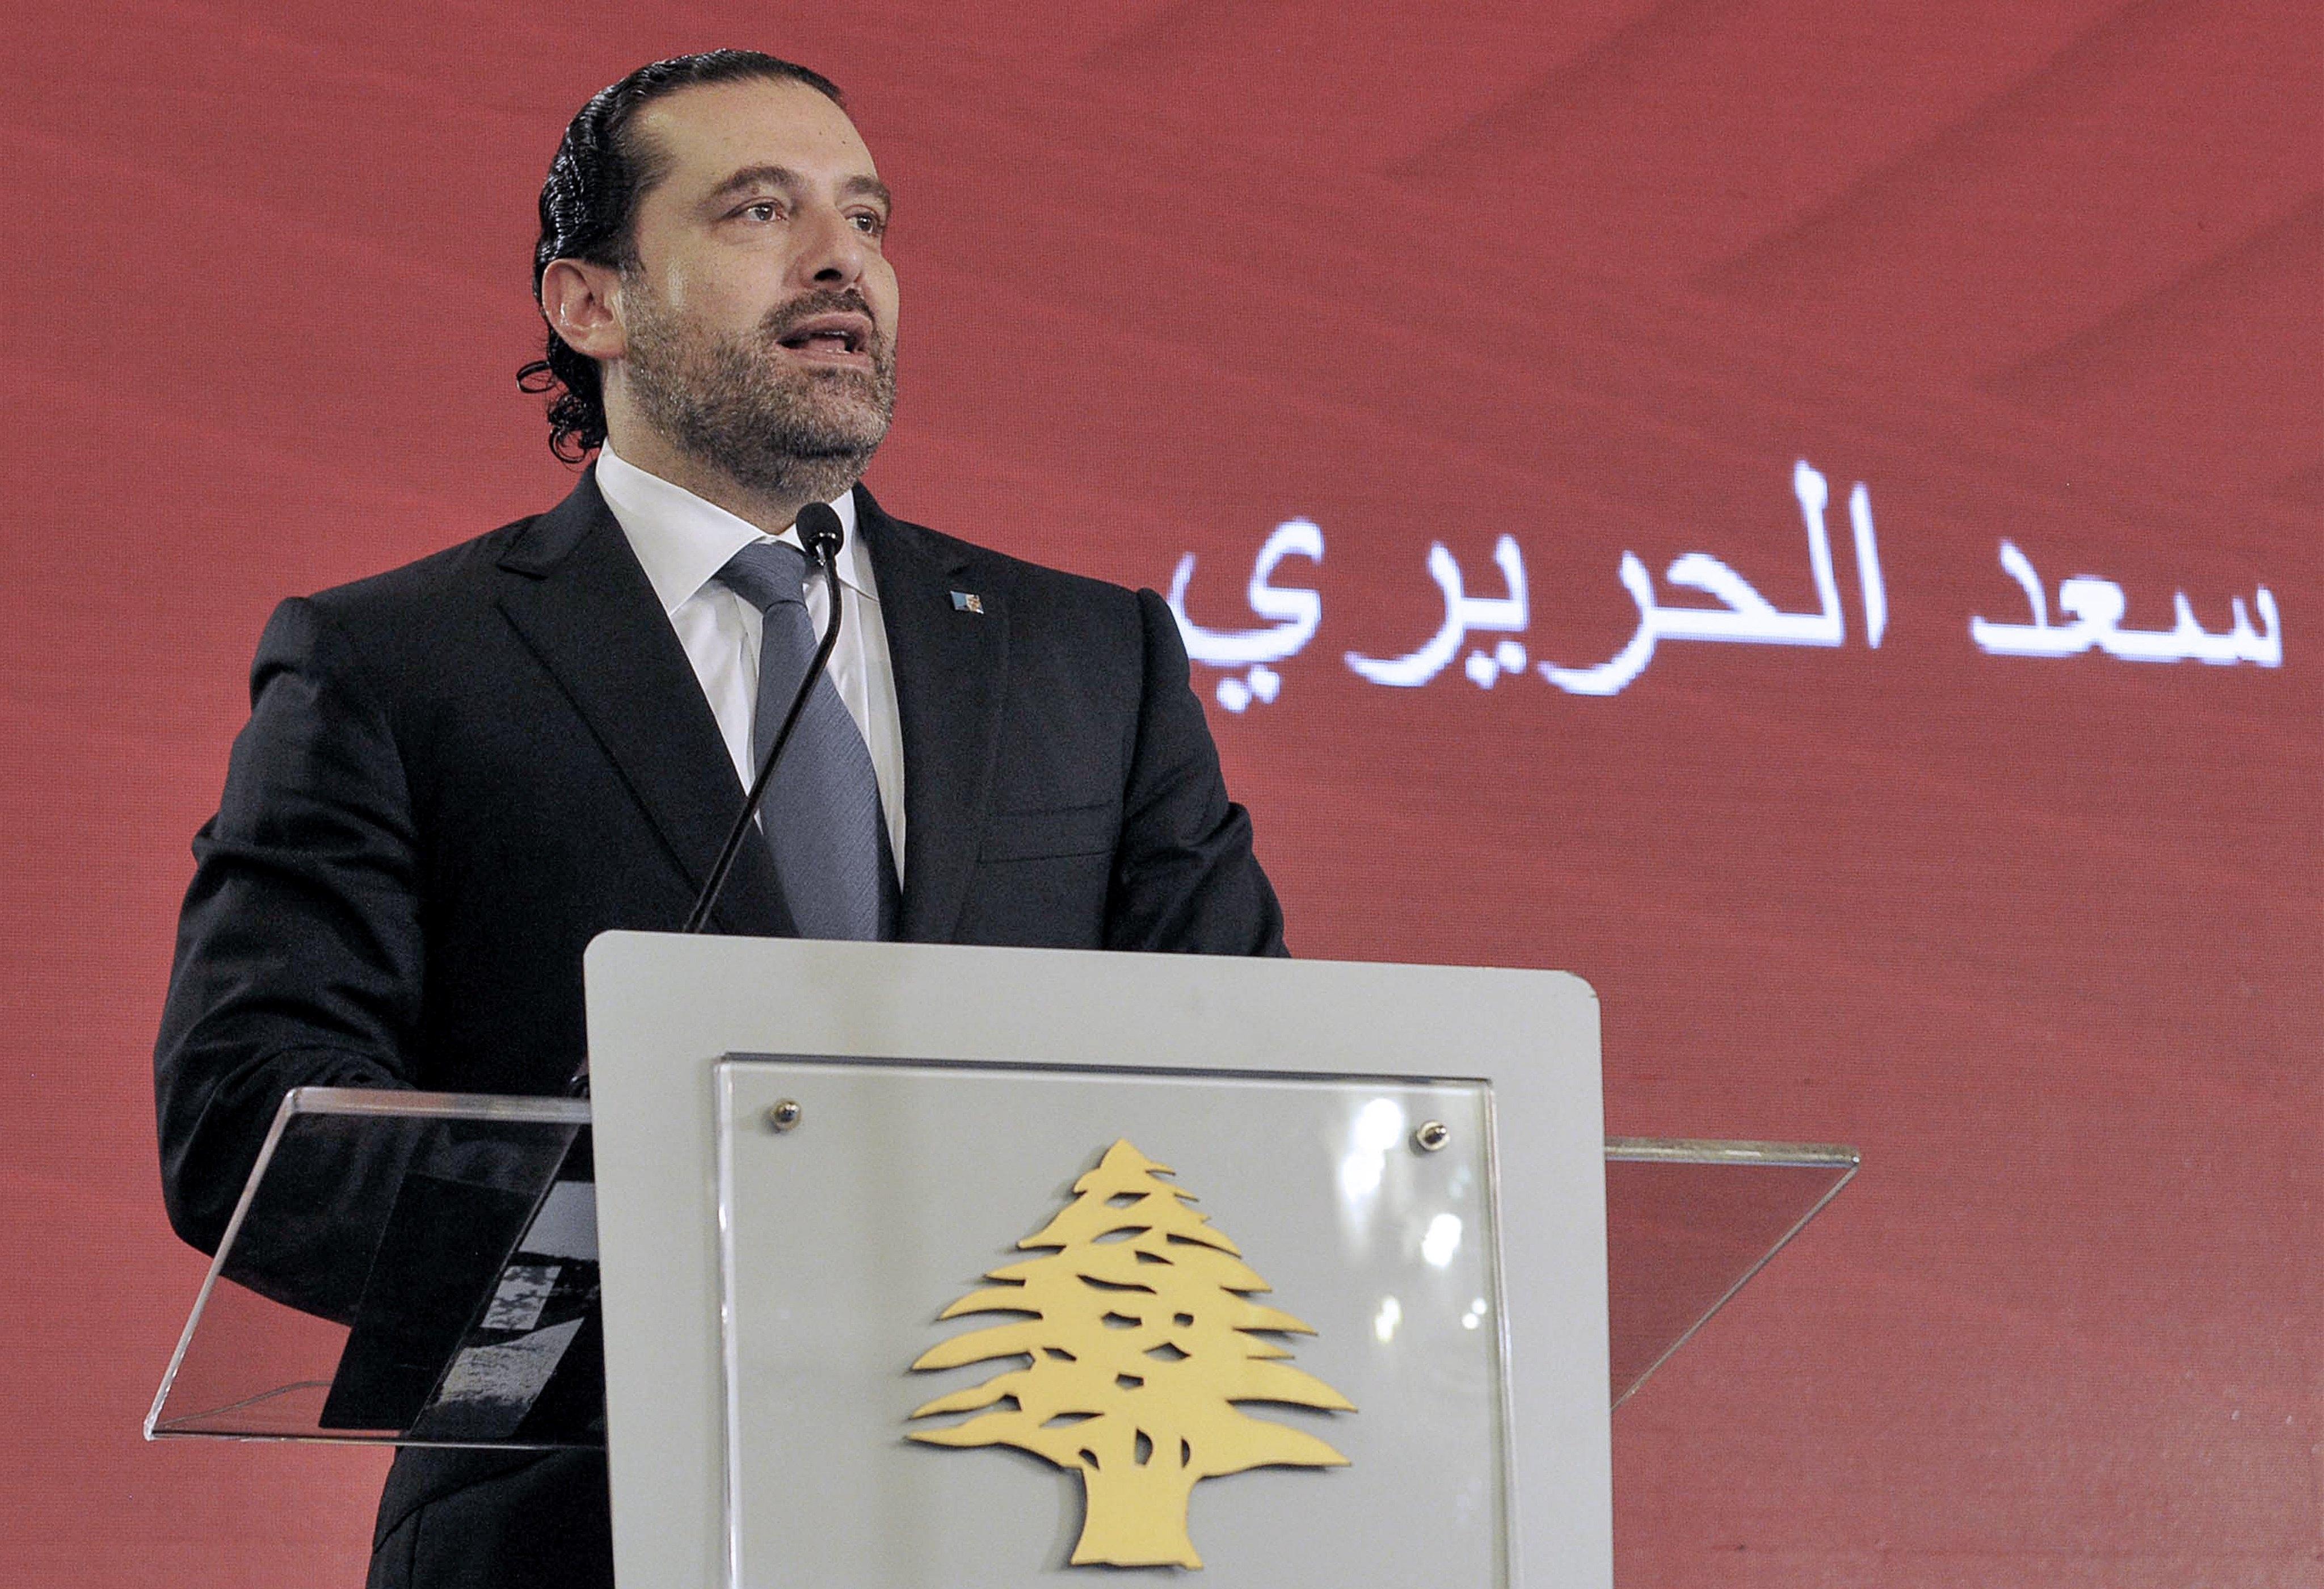 Líbano: Primeiro-ministro renuncia em meio a tensão com Irã e Hezbollah